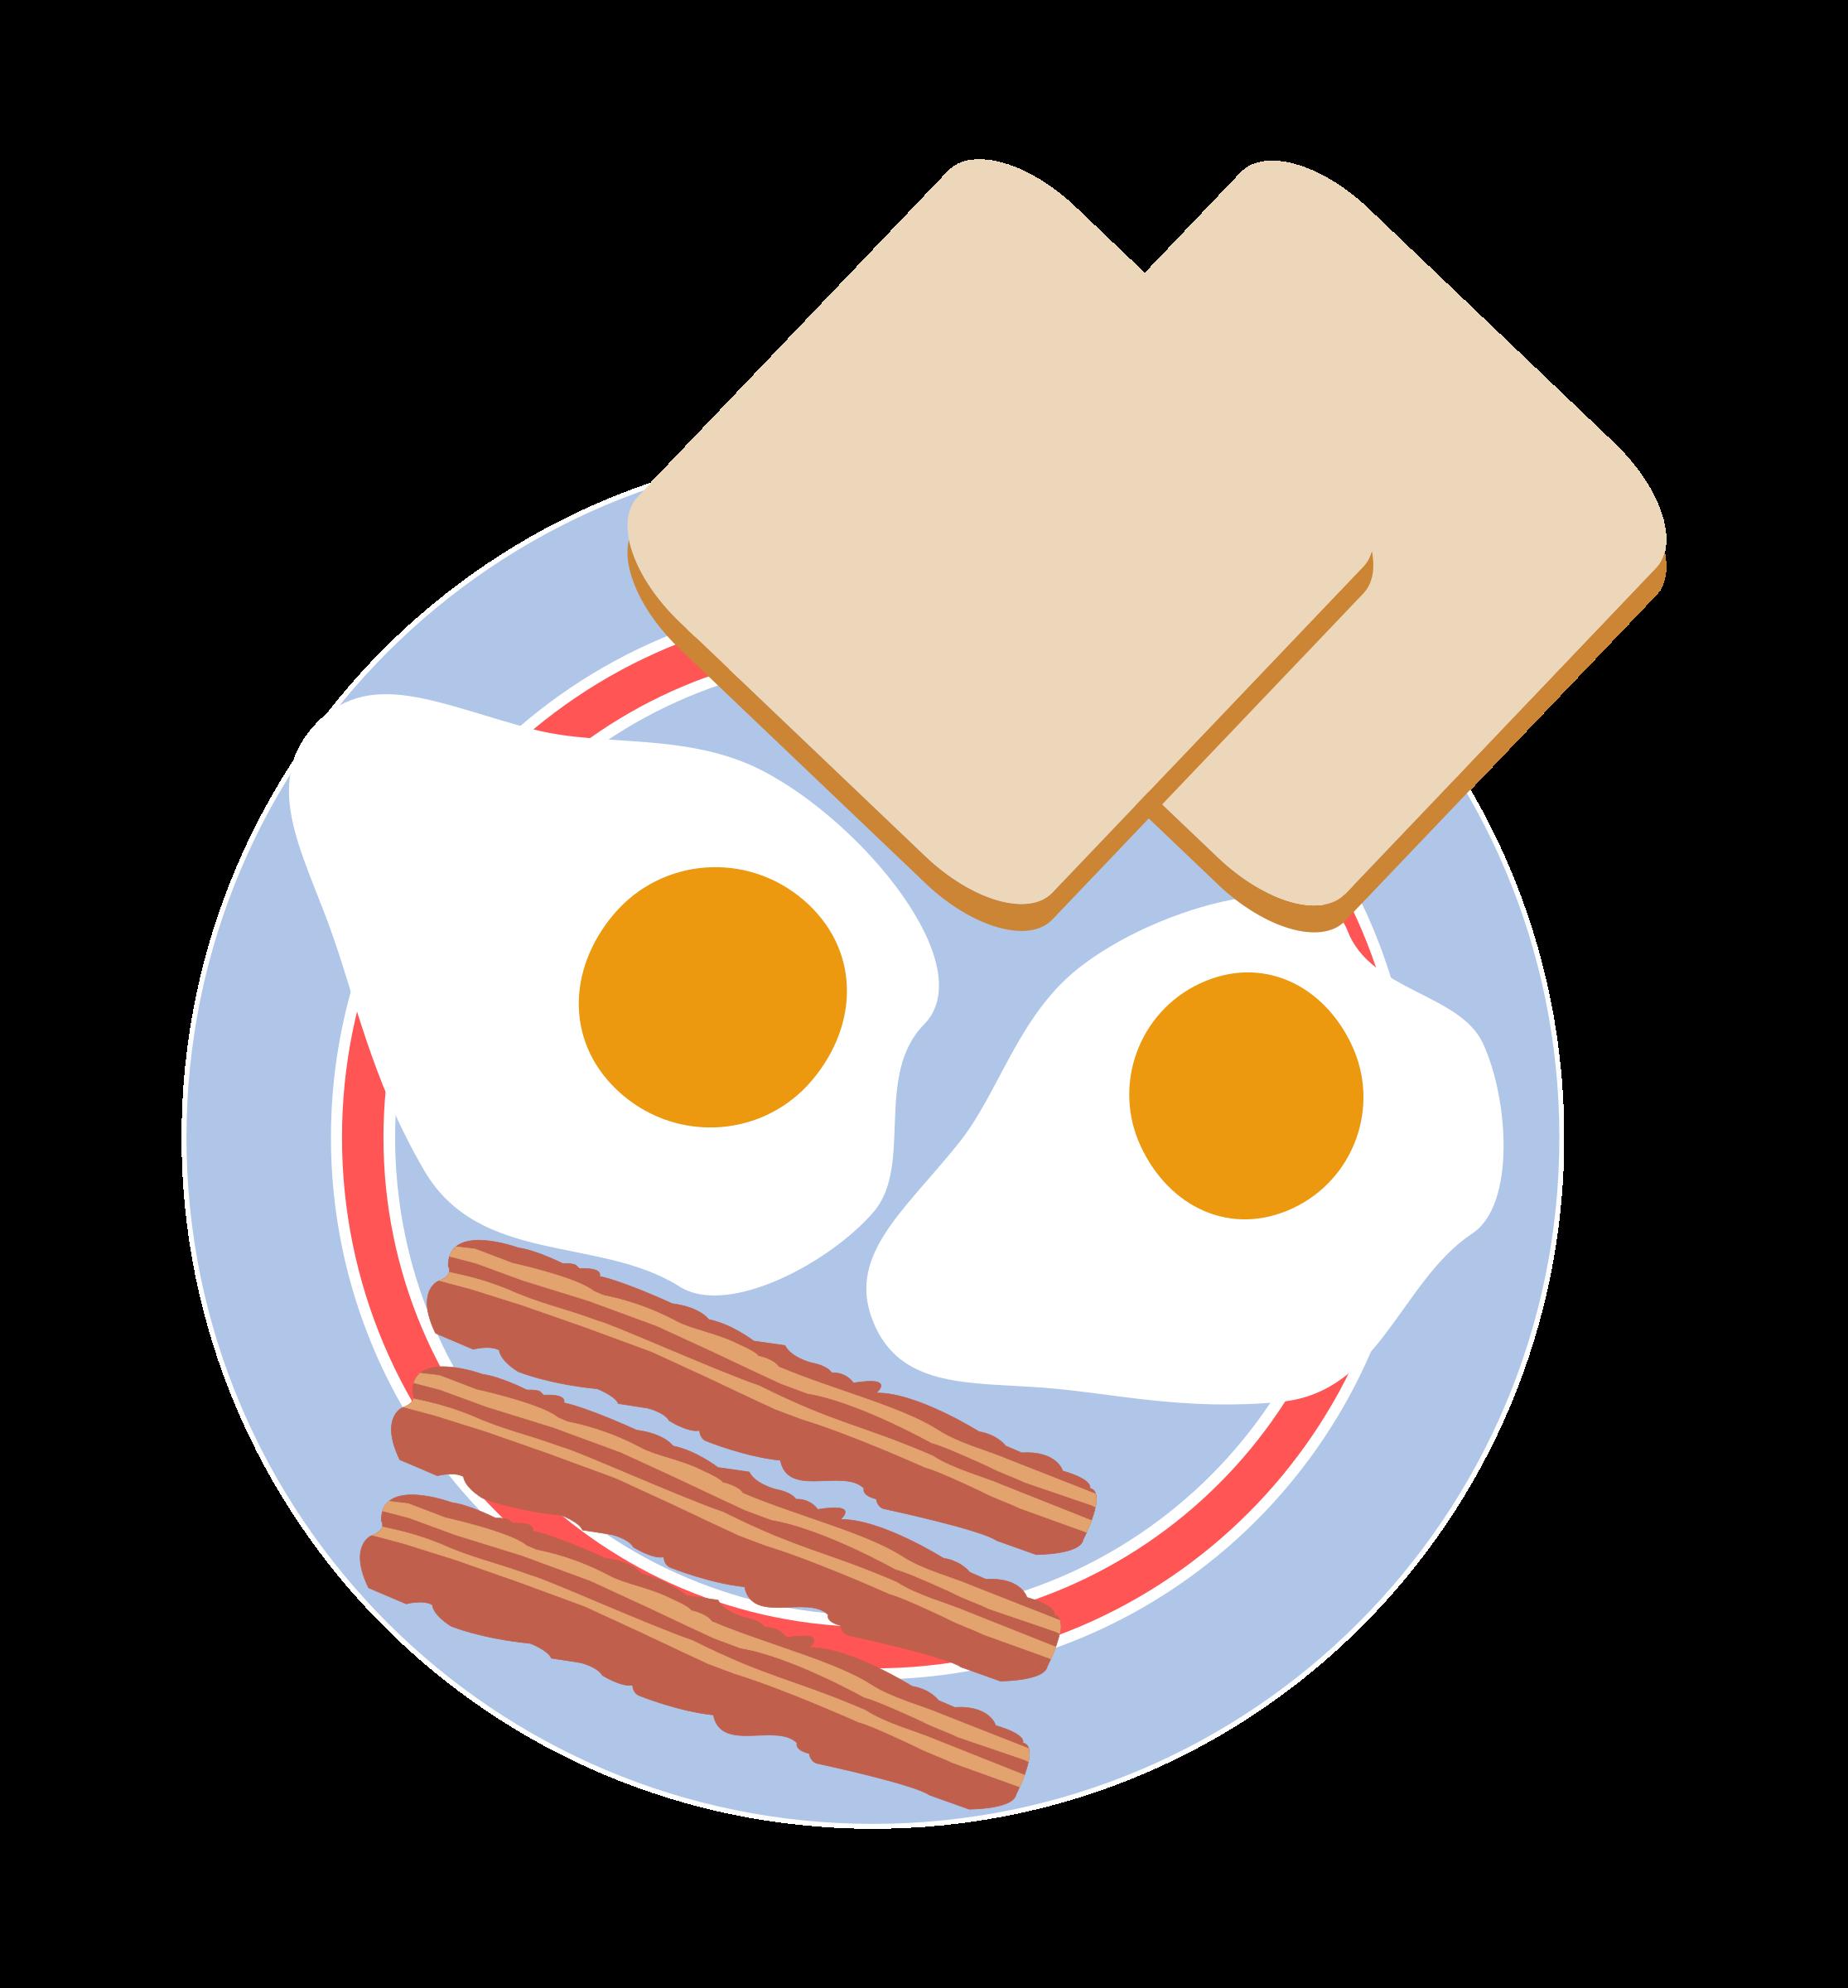 Bacon clipart egg toast. Bull s eye eggs